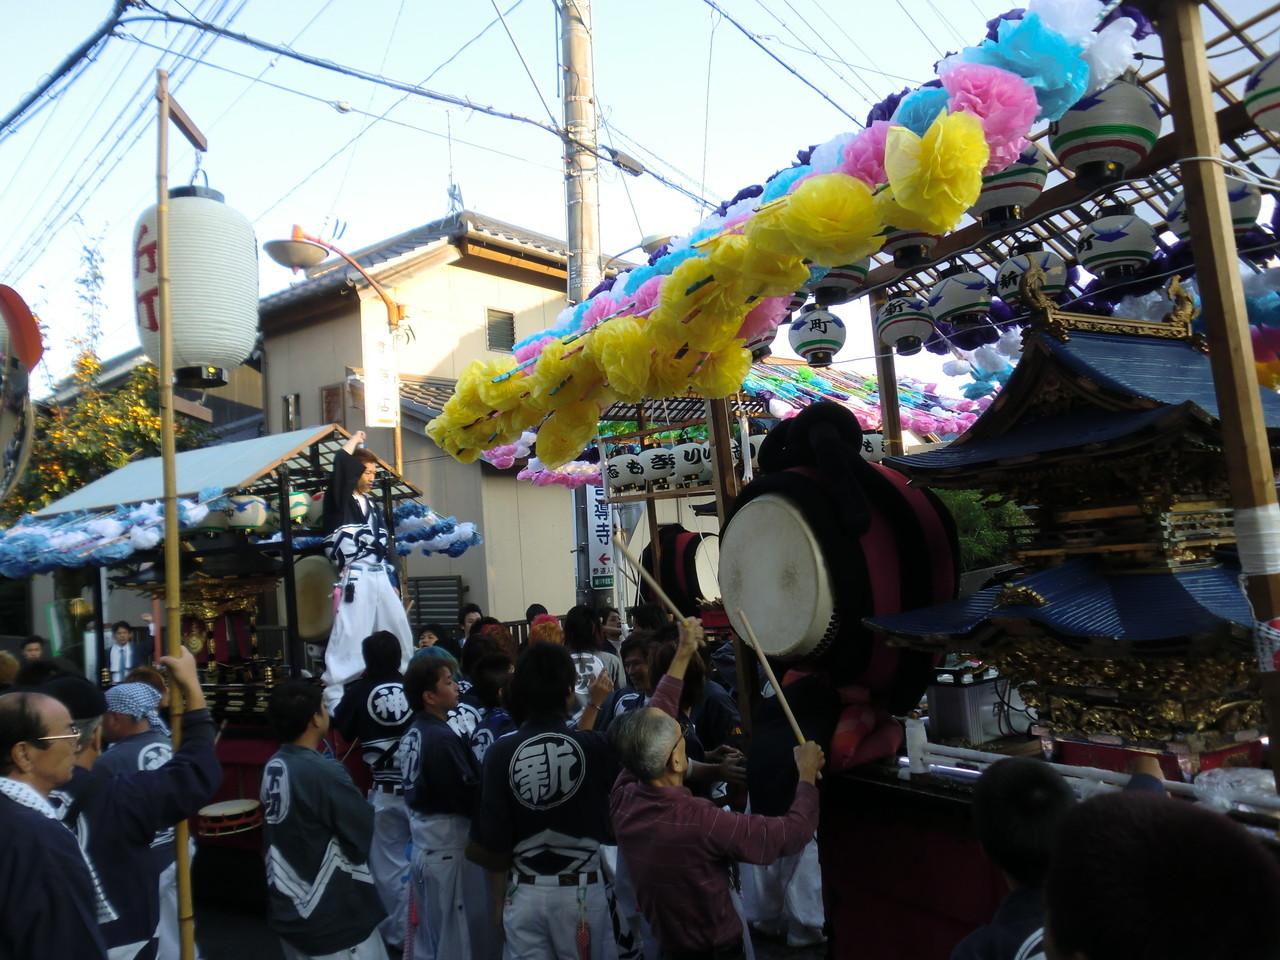 緒川祭禮(10月中旬開催)